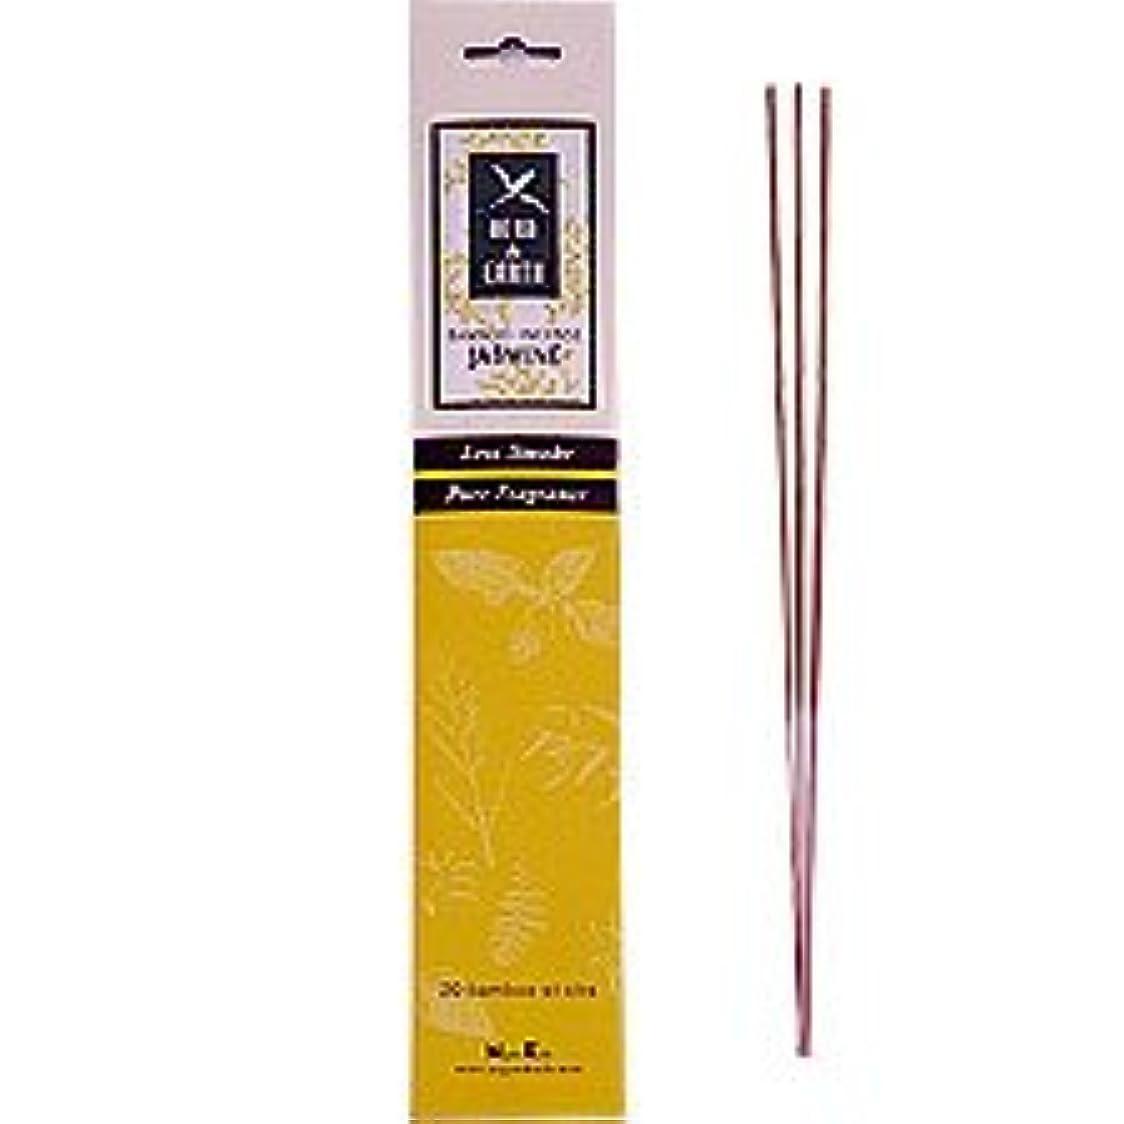 ジャスミン – Herb and Earth IncenseからNippon Kodo – 20スティックパッケージ